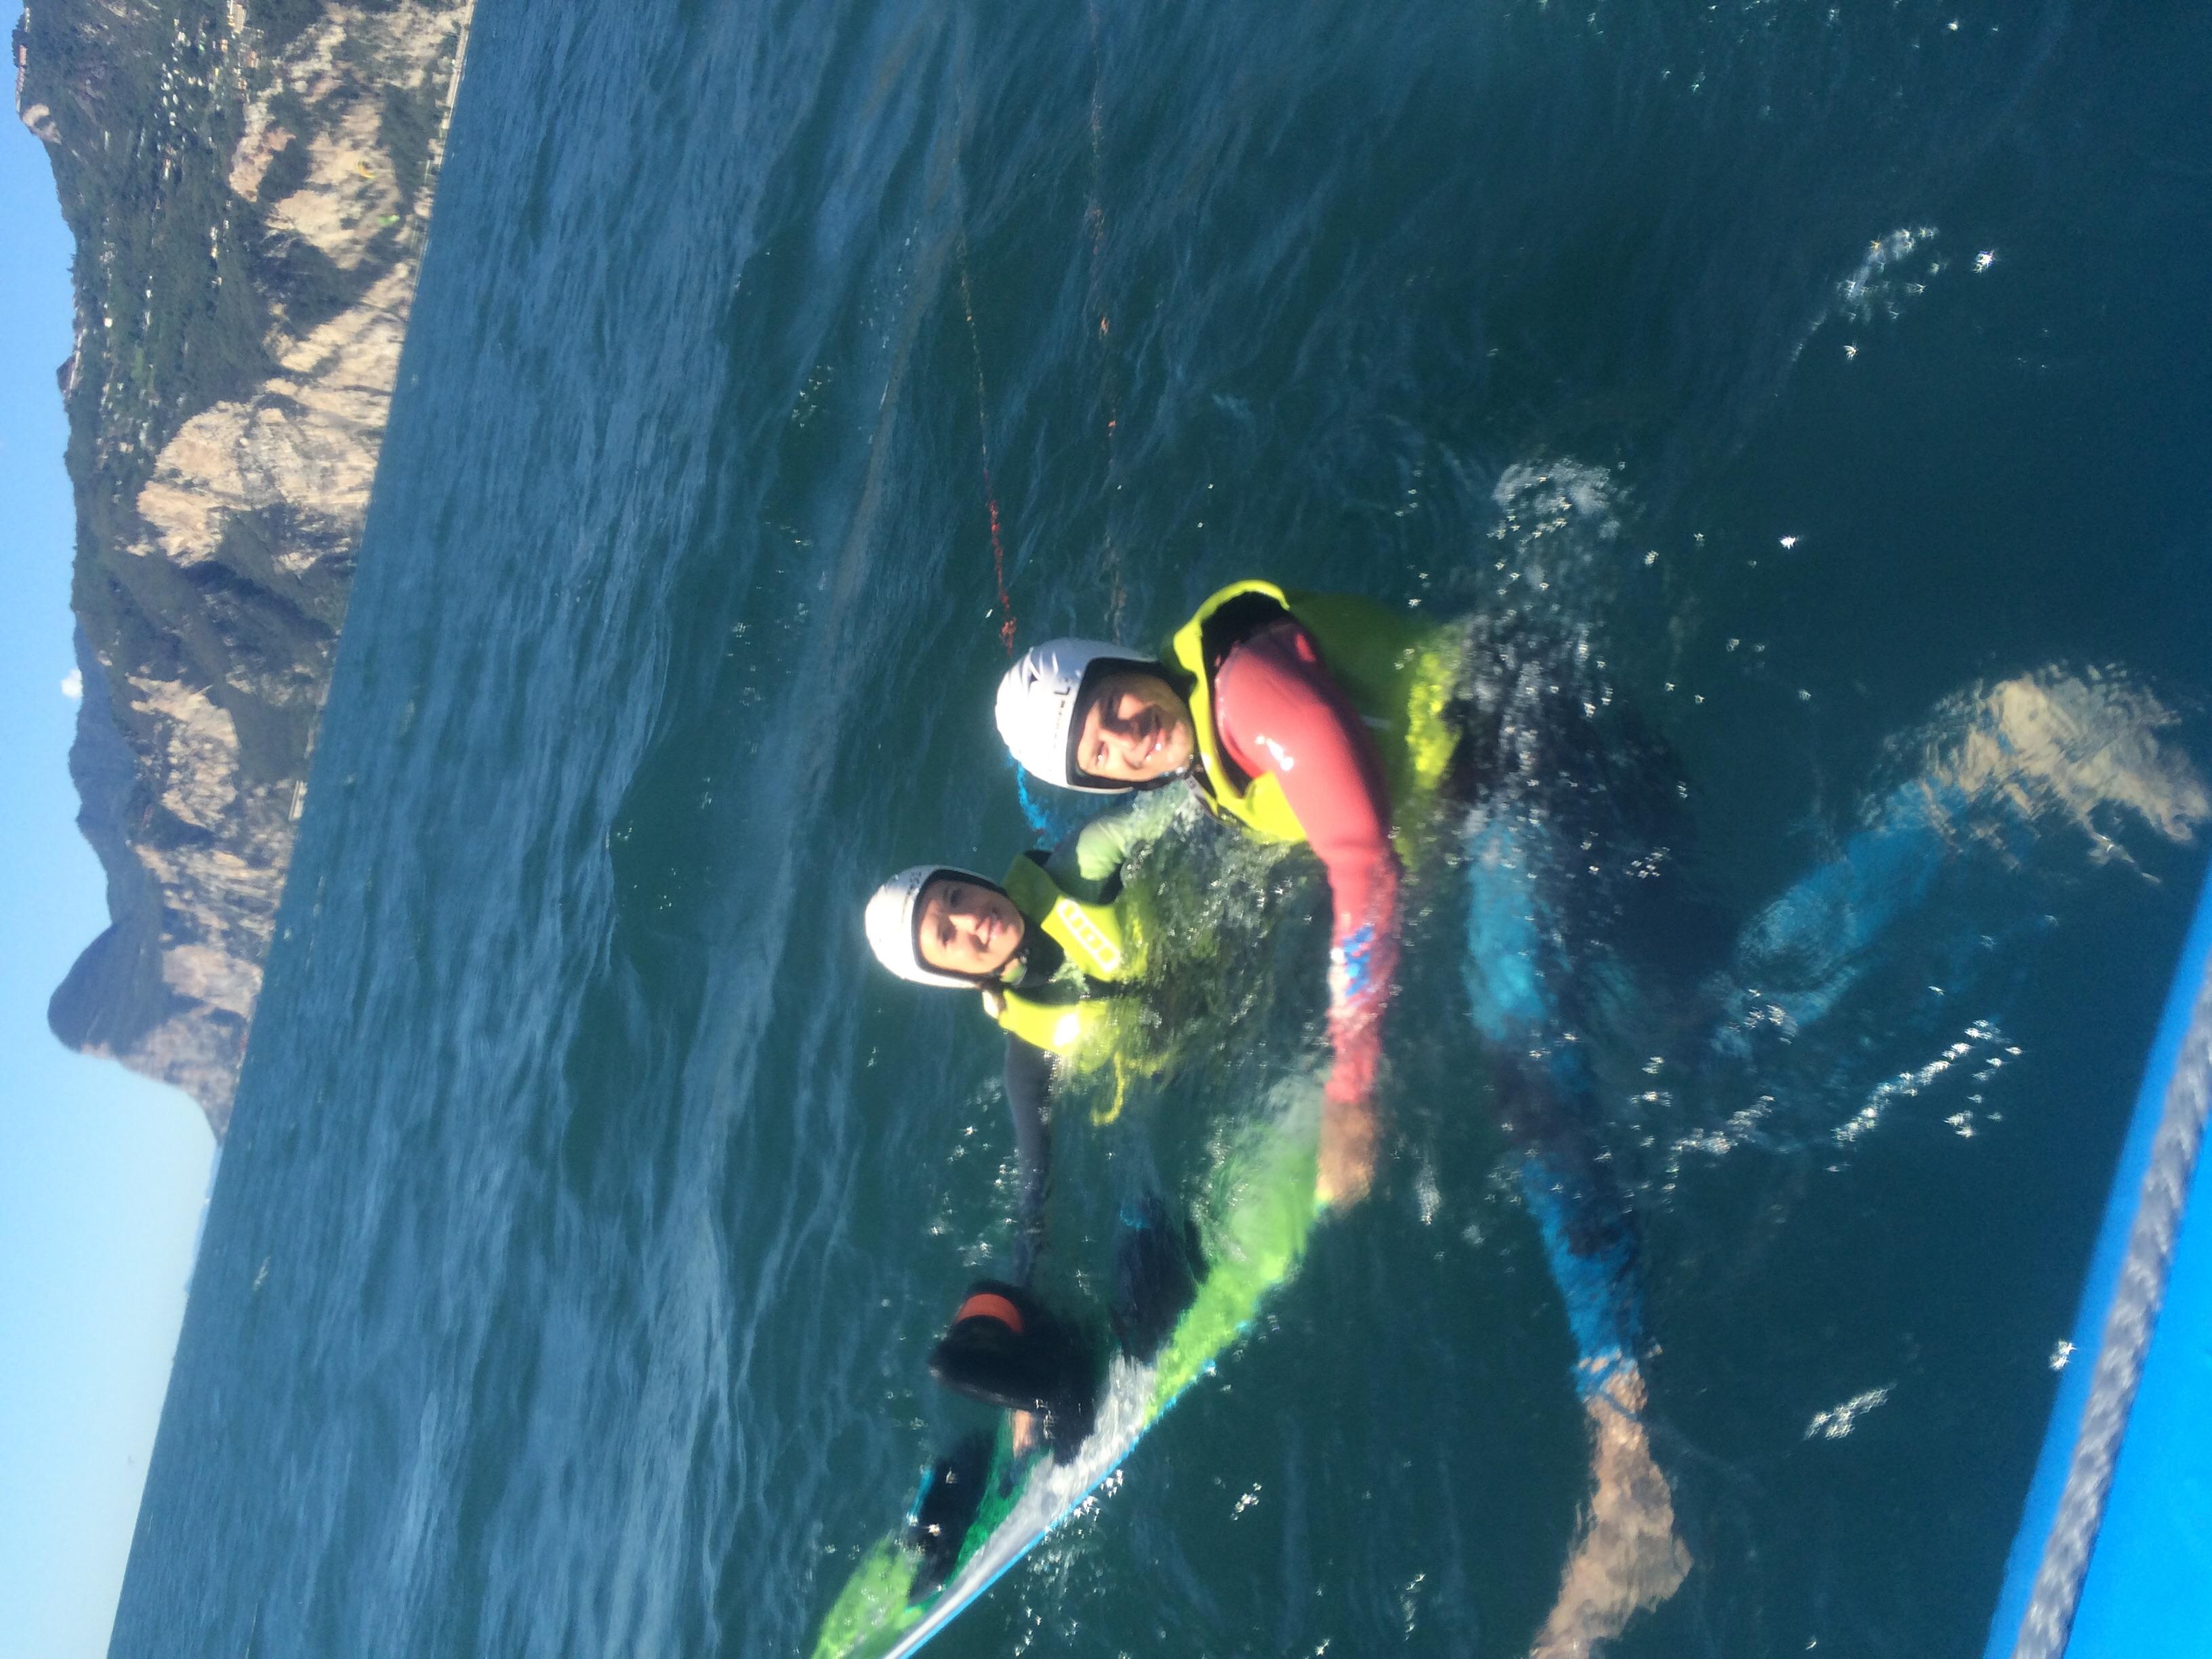 Limone watersports fun!